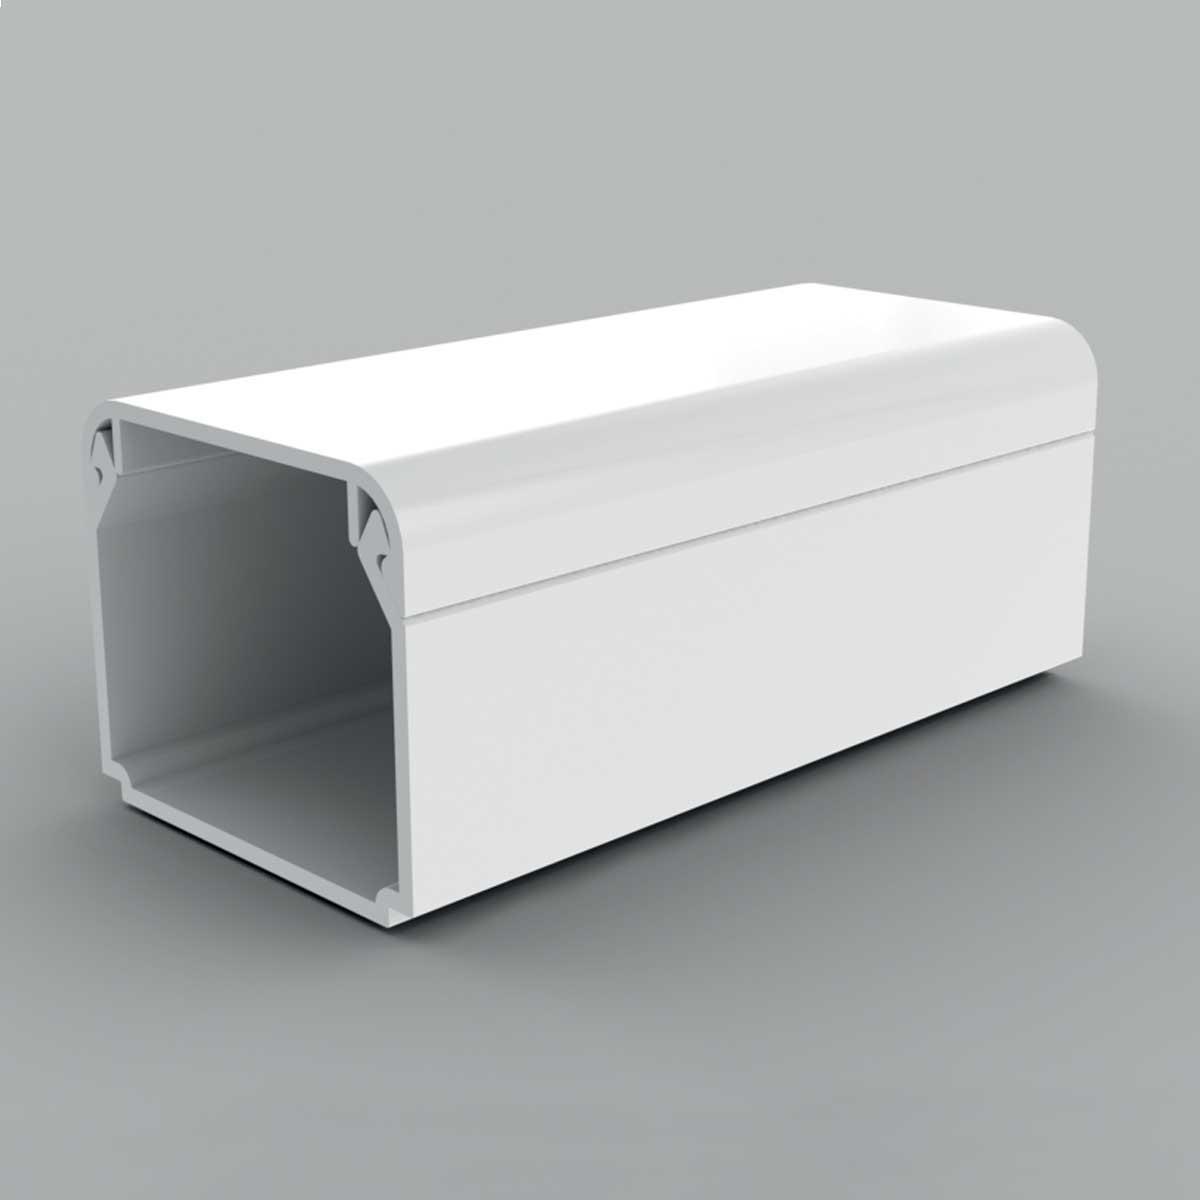 Кабельний канал з ПВХ білого кольору 30х25мм; Серія LH;